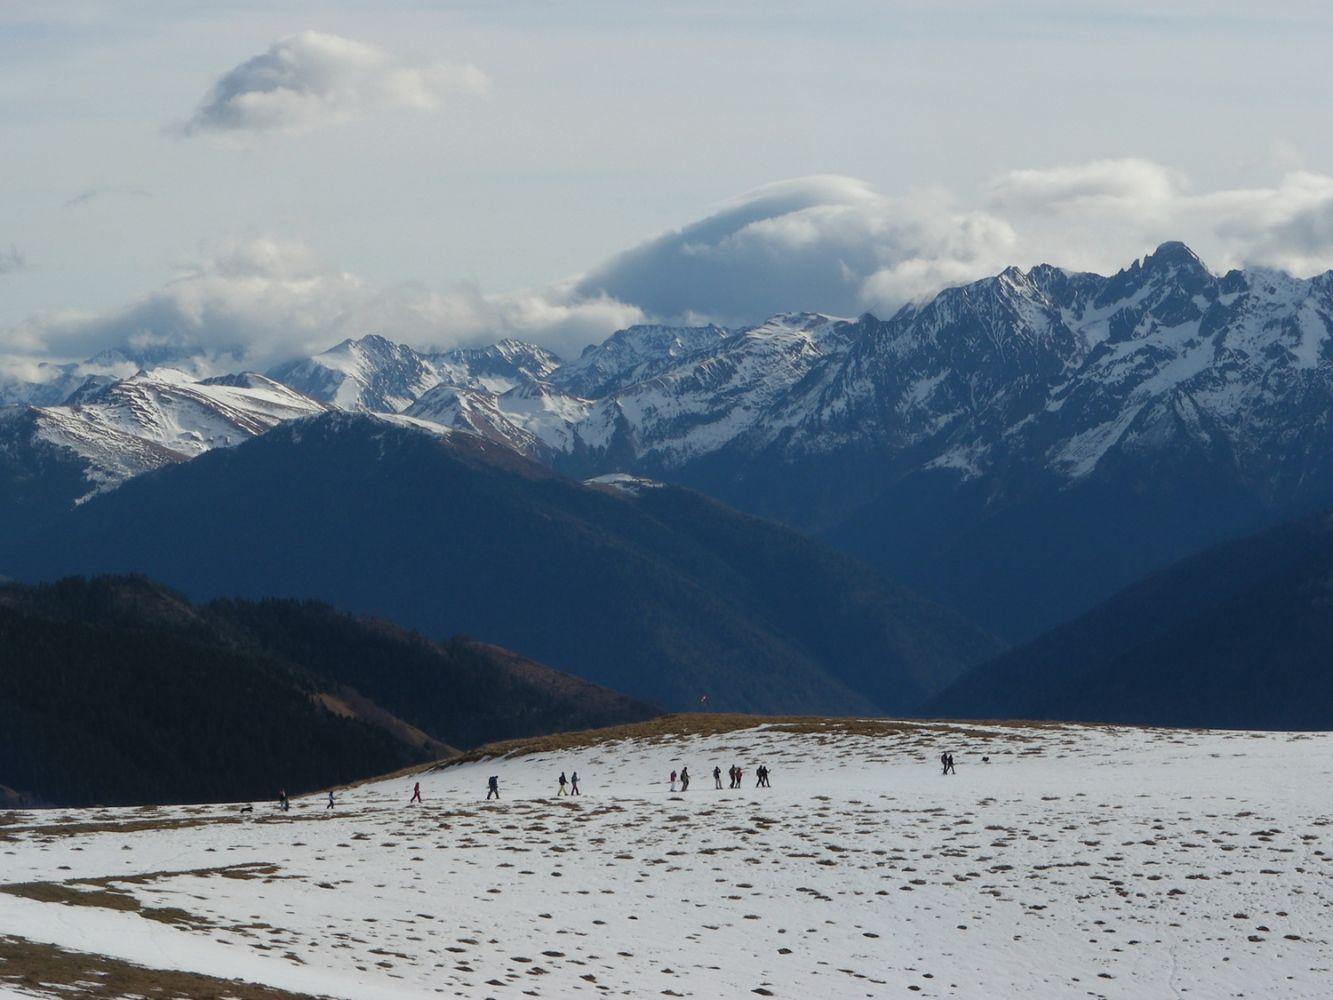 Le bureau au fil des voyages activit s montagnes pyr n es for Bureau pyrenees